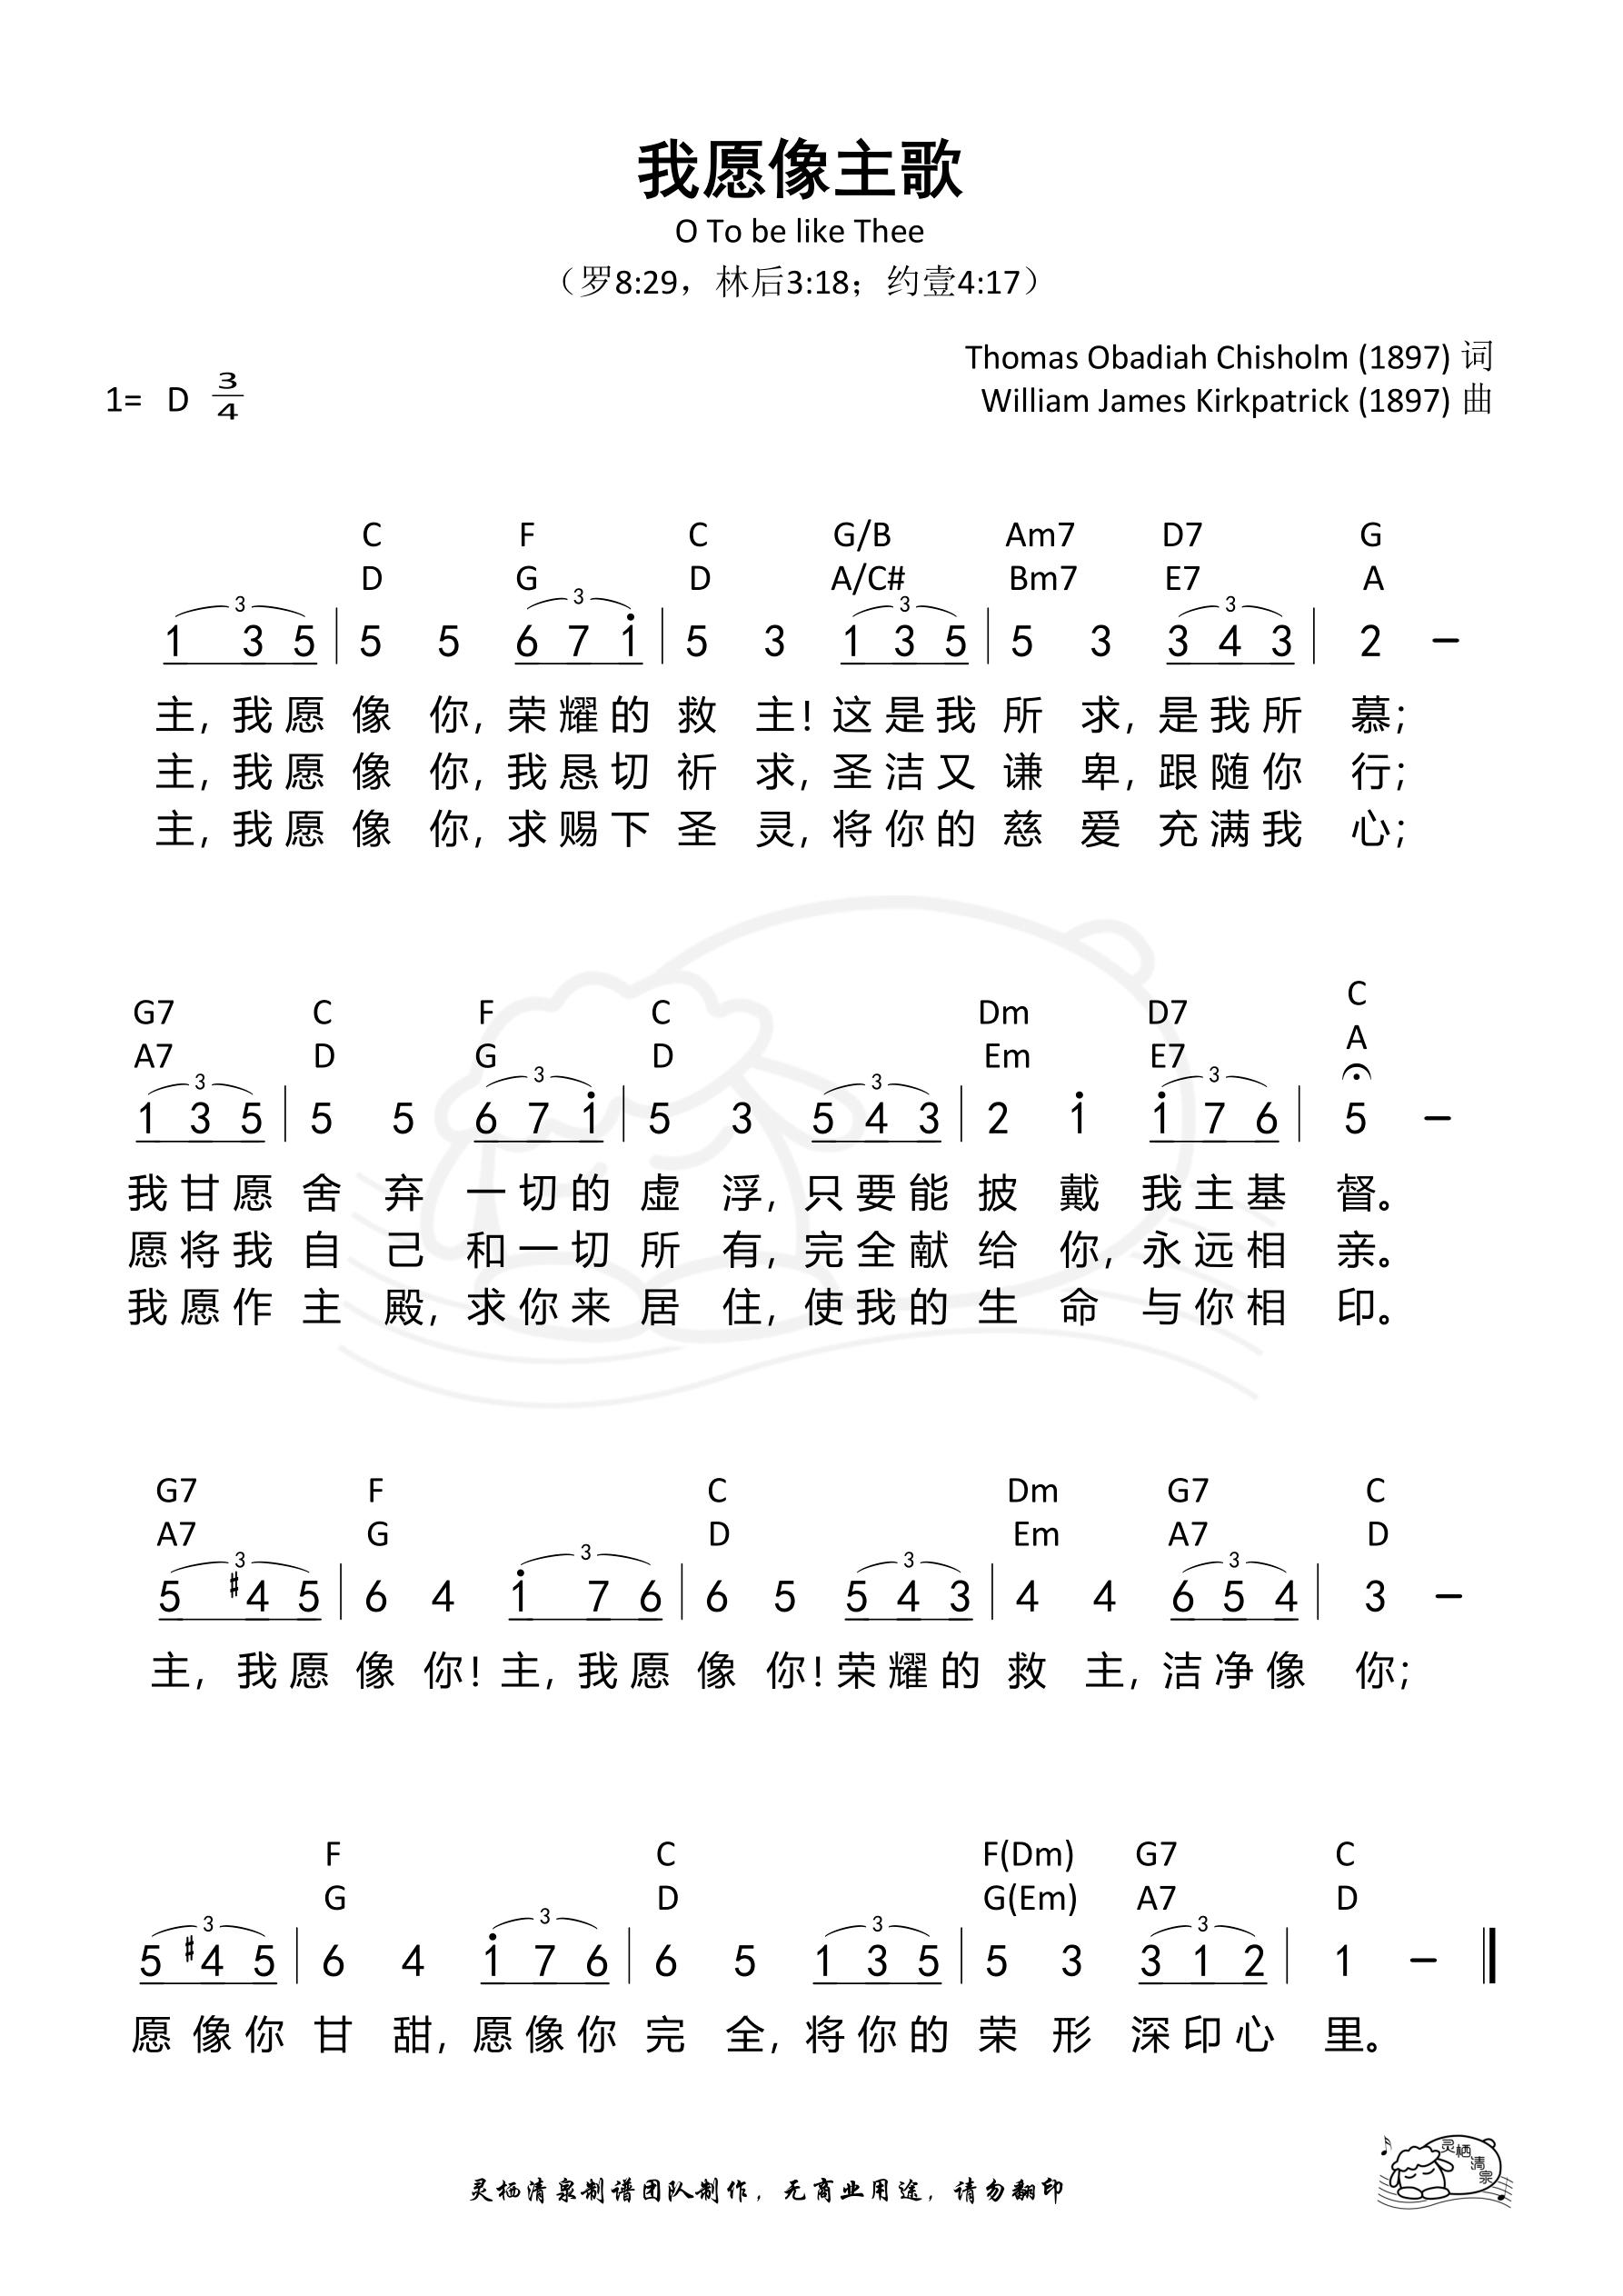 《第138首 - 我愿像主歌 和弦简谱》